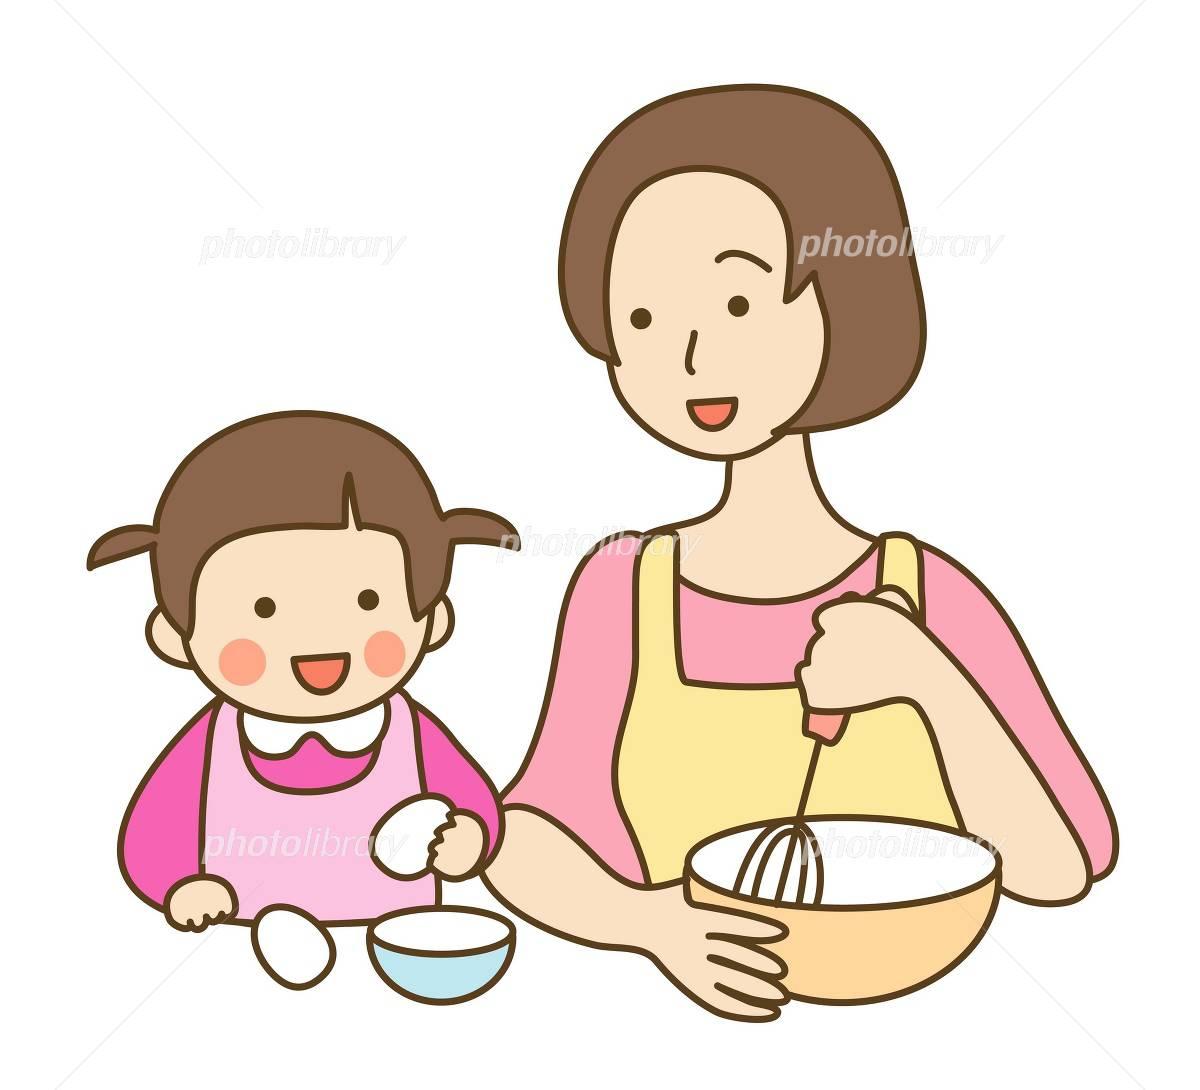 料理する親子 イラスト素材 896370 フォトライブラリー Photolibrary